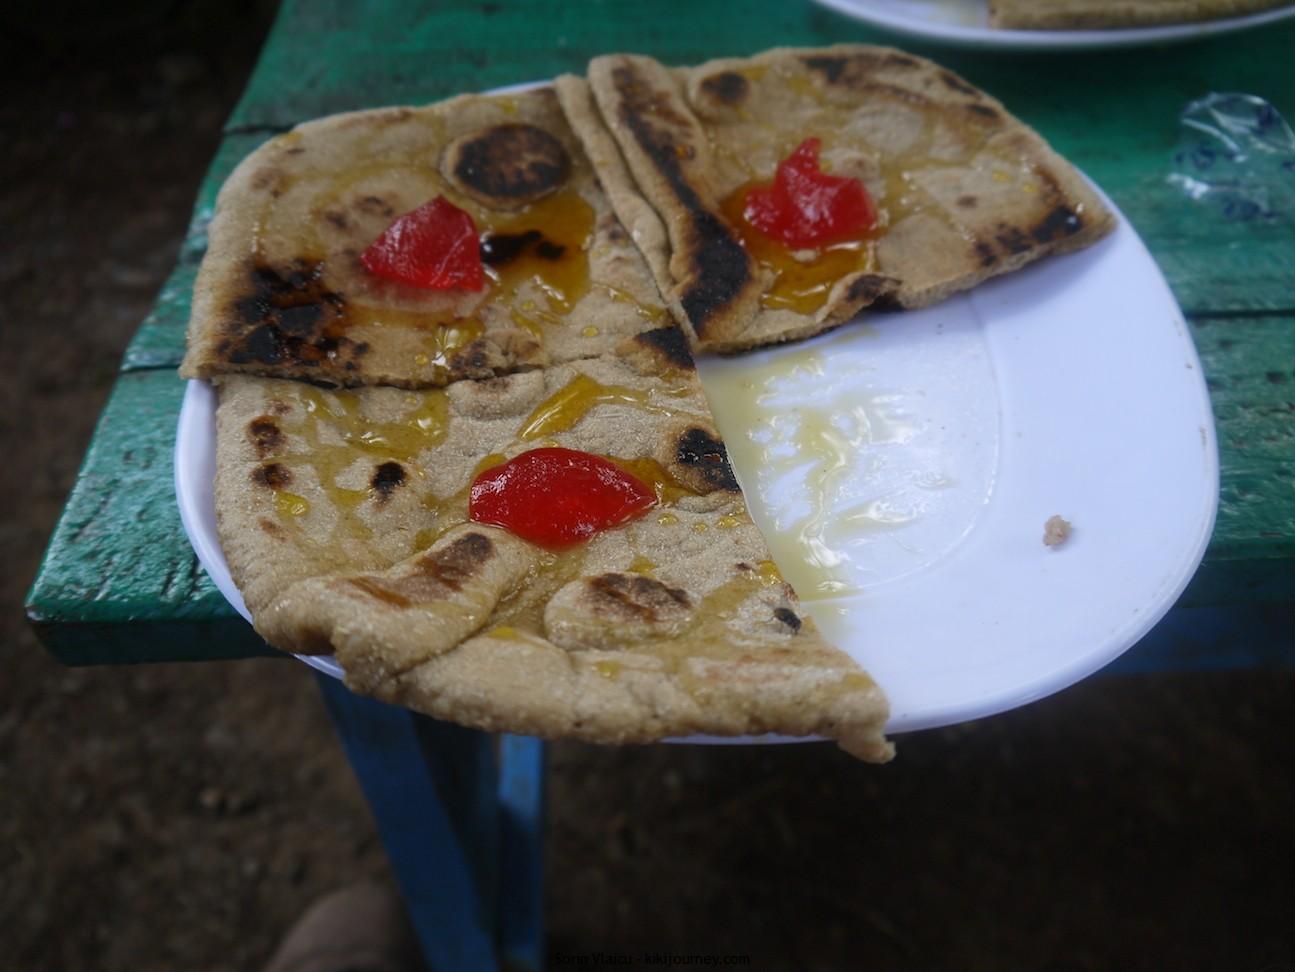 Strawberry Fields Eco Lodge pancake